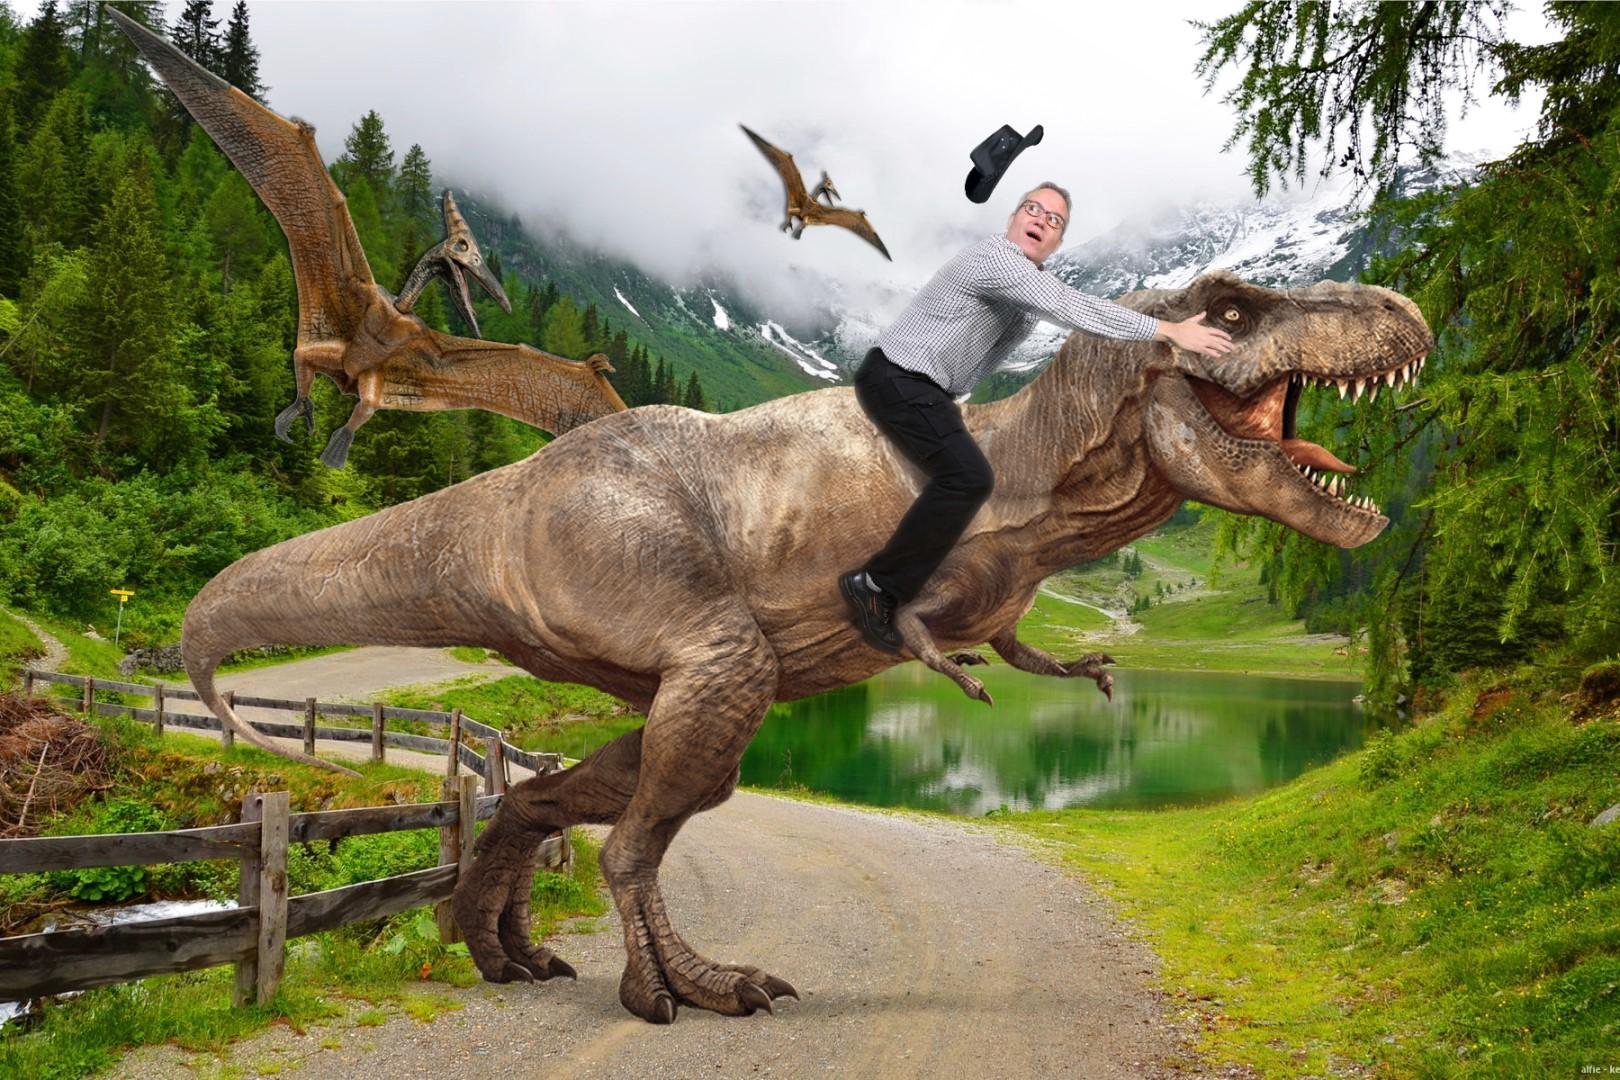 Green screen fotostudio met man die op een t-rex rijdt.